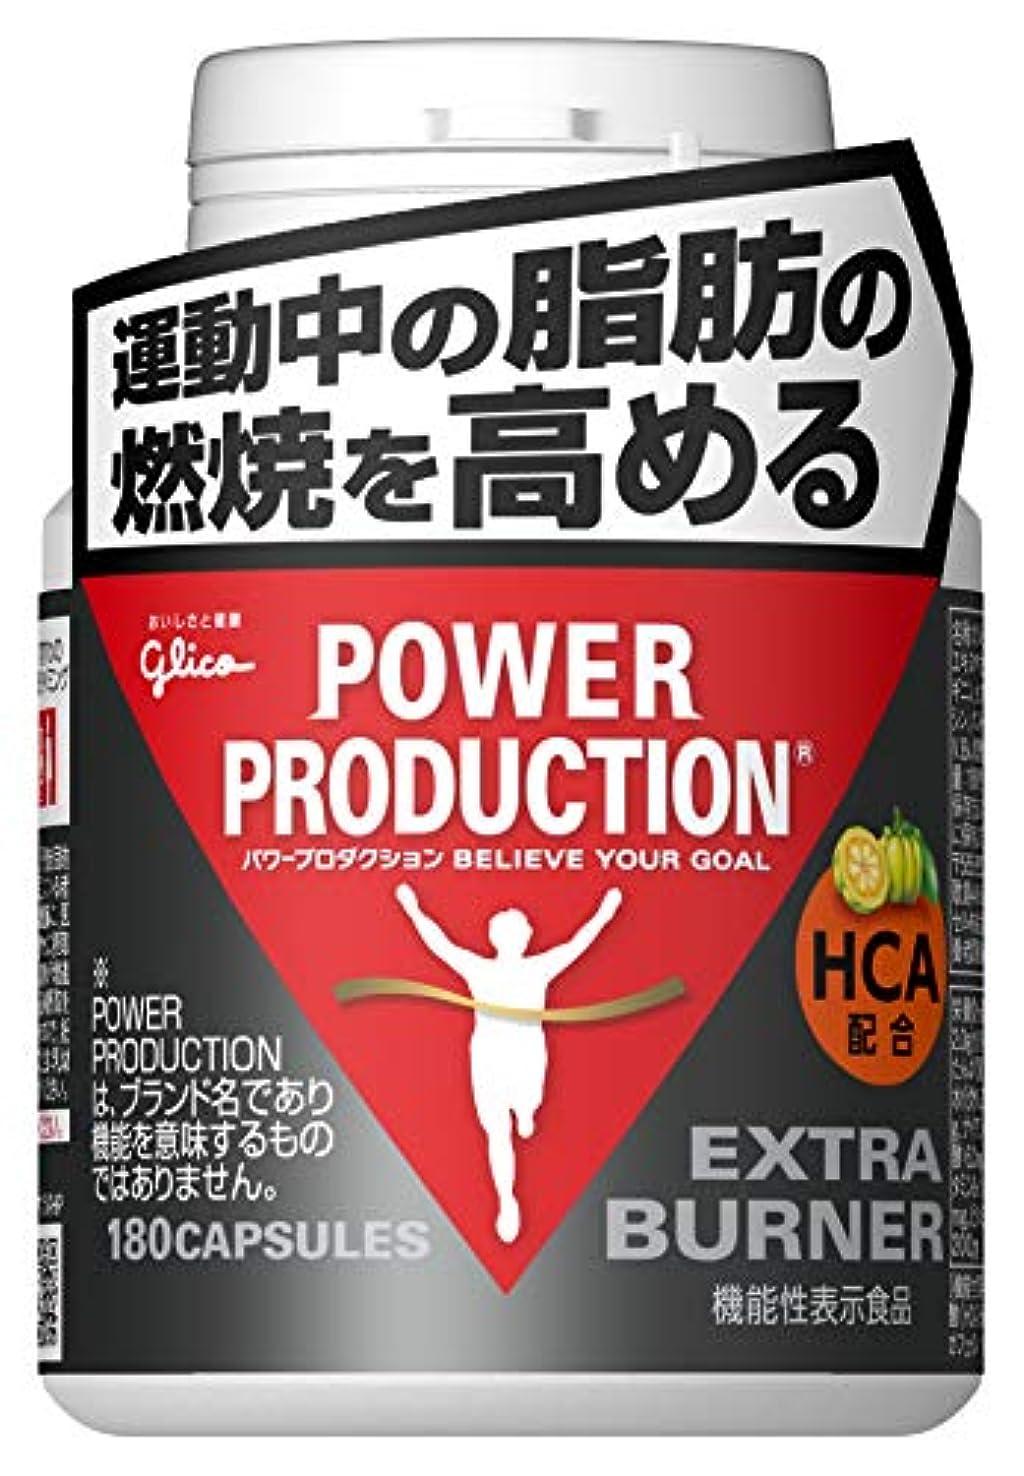 ローブ下向き電子〔機能性表示食品〕グリコ パワープロダクション エキストラバーナー 180粒【使用目安 約30日分】サプリメント